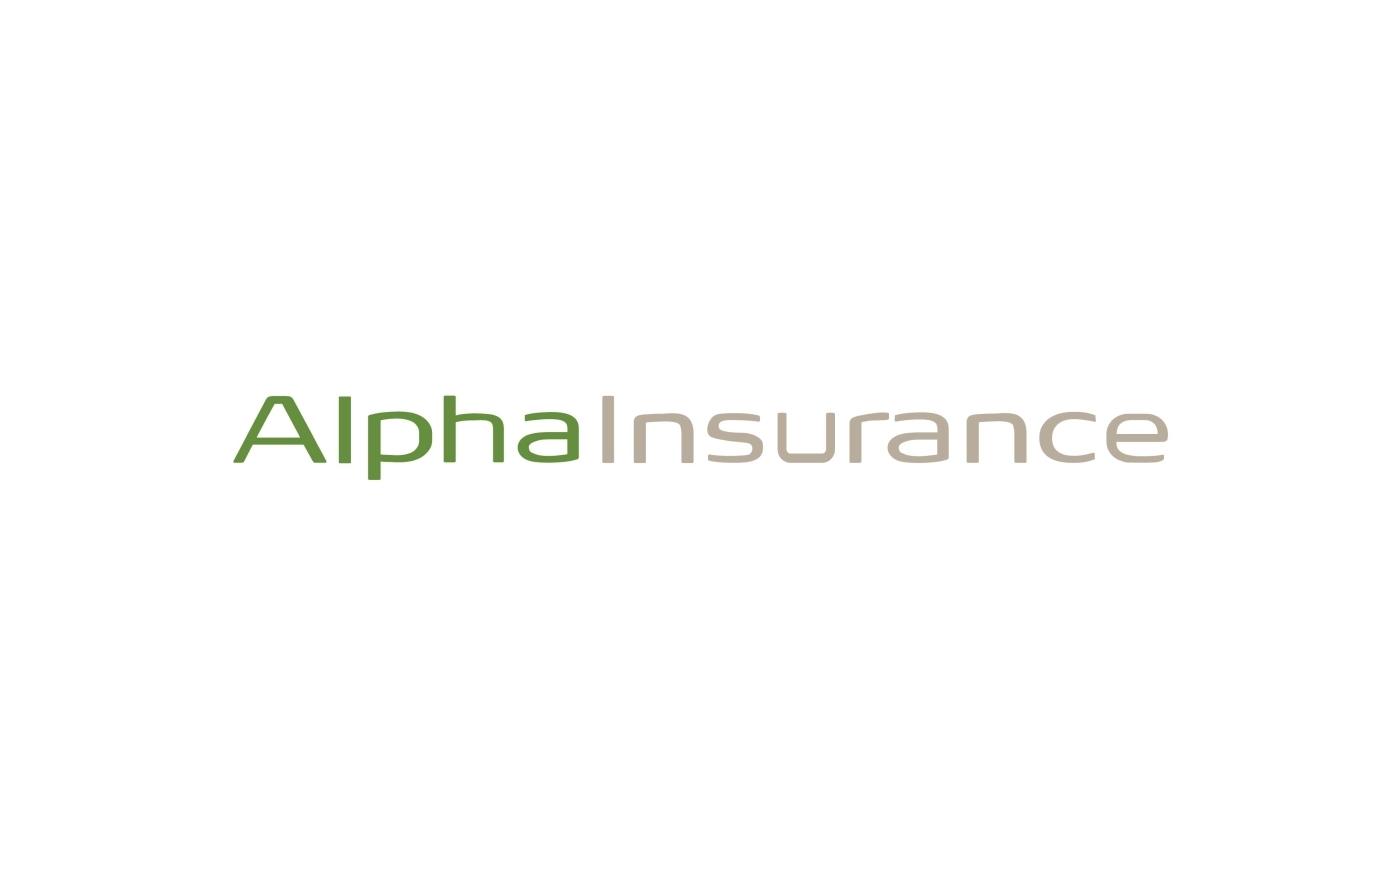 Divieto di assunzione di nuovi contratti e liquidazione volontaria per Alpha Insurance